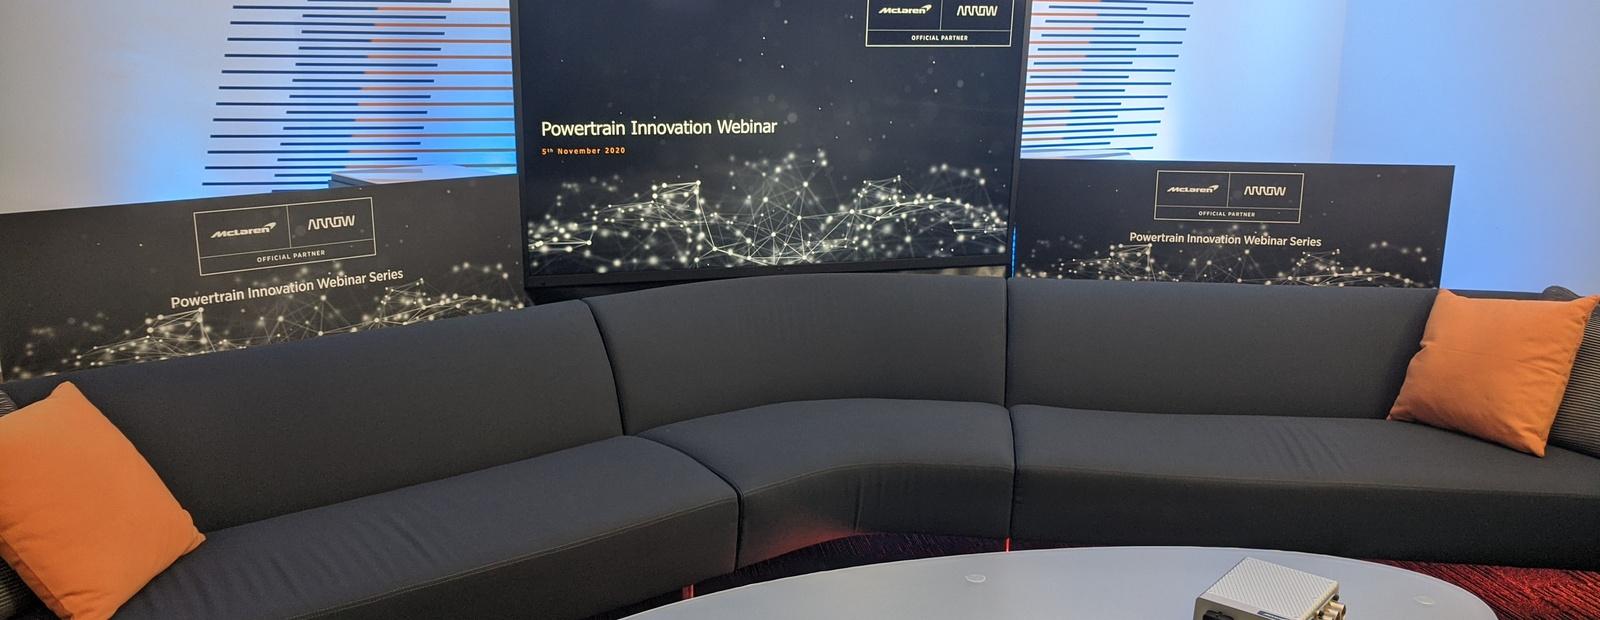 Powertrain Innovation Webinar 3 - Watch the recordings